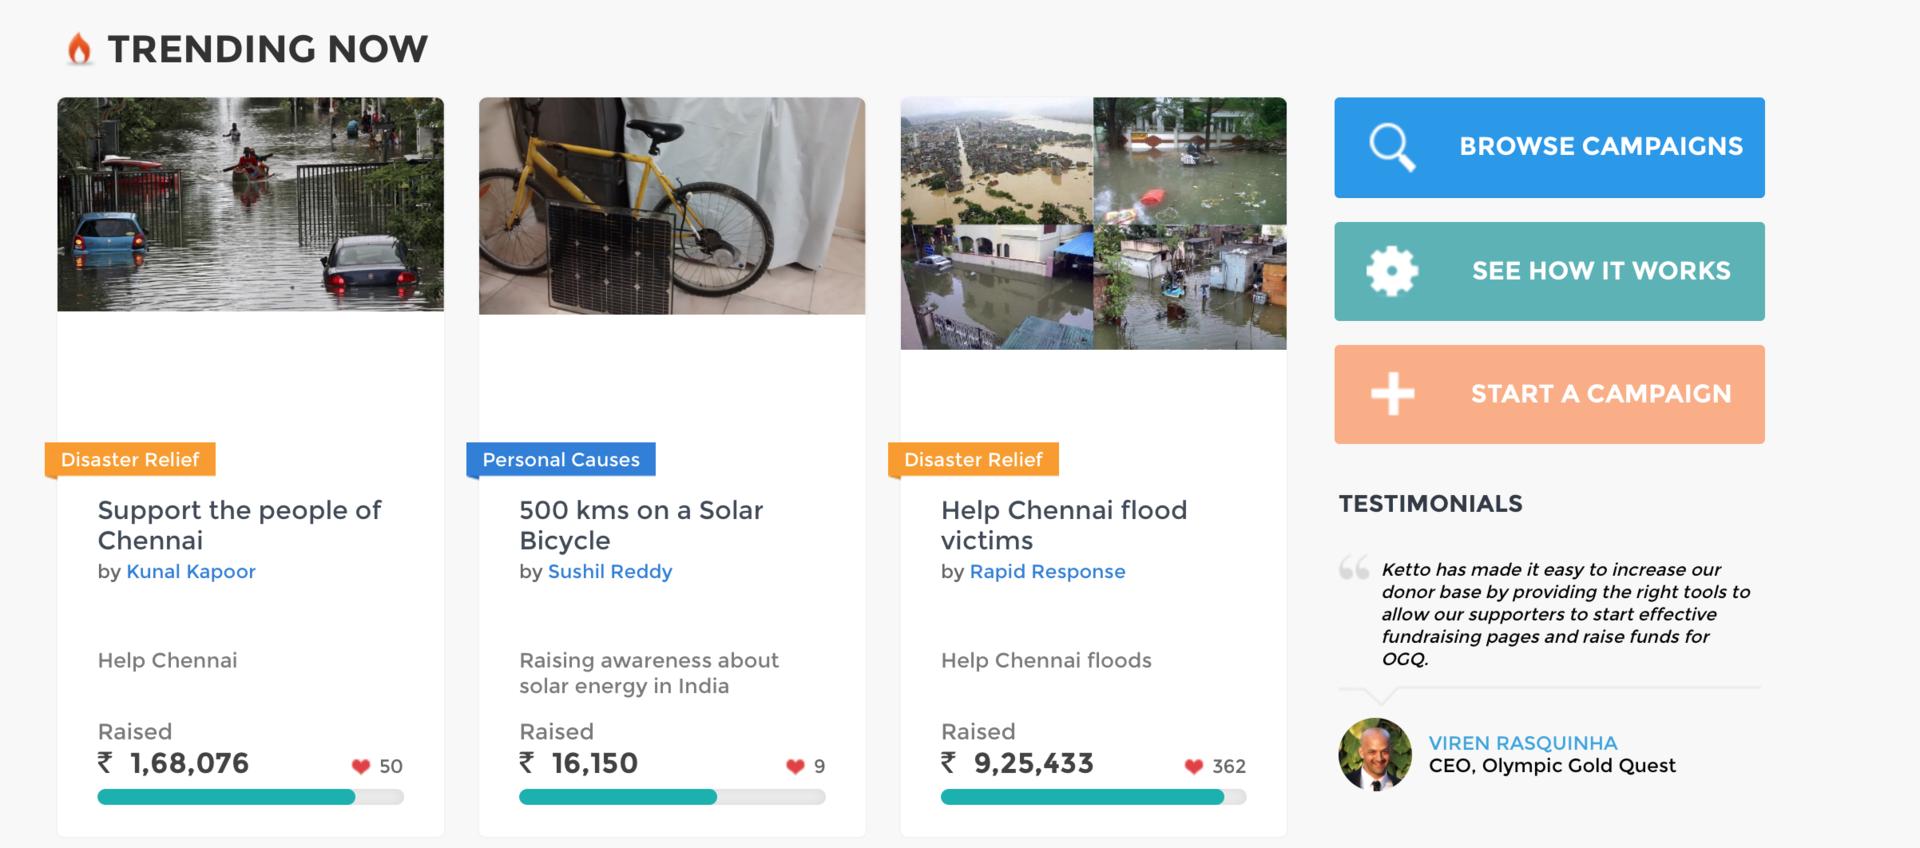 Индийский «Kickstarter»: на что скидываются в рупиях? - 2